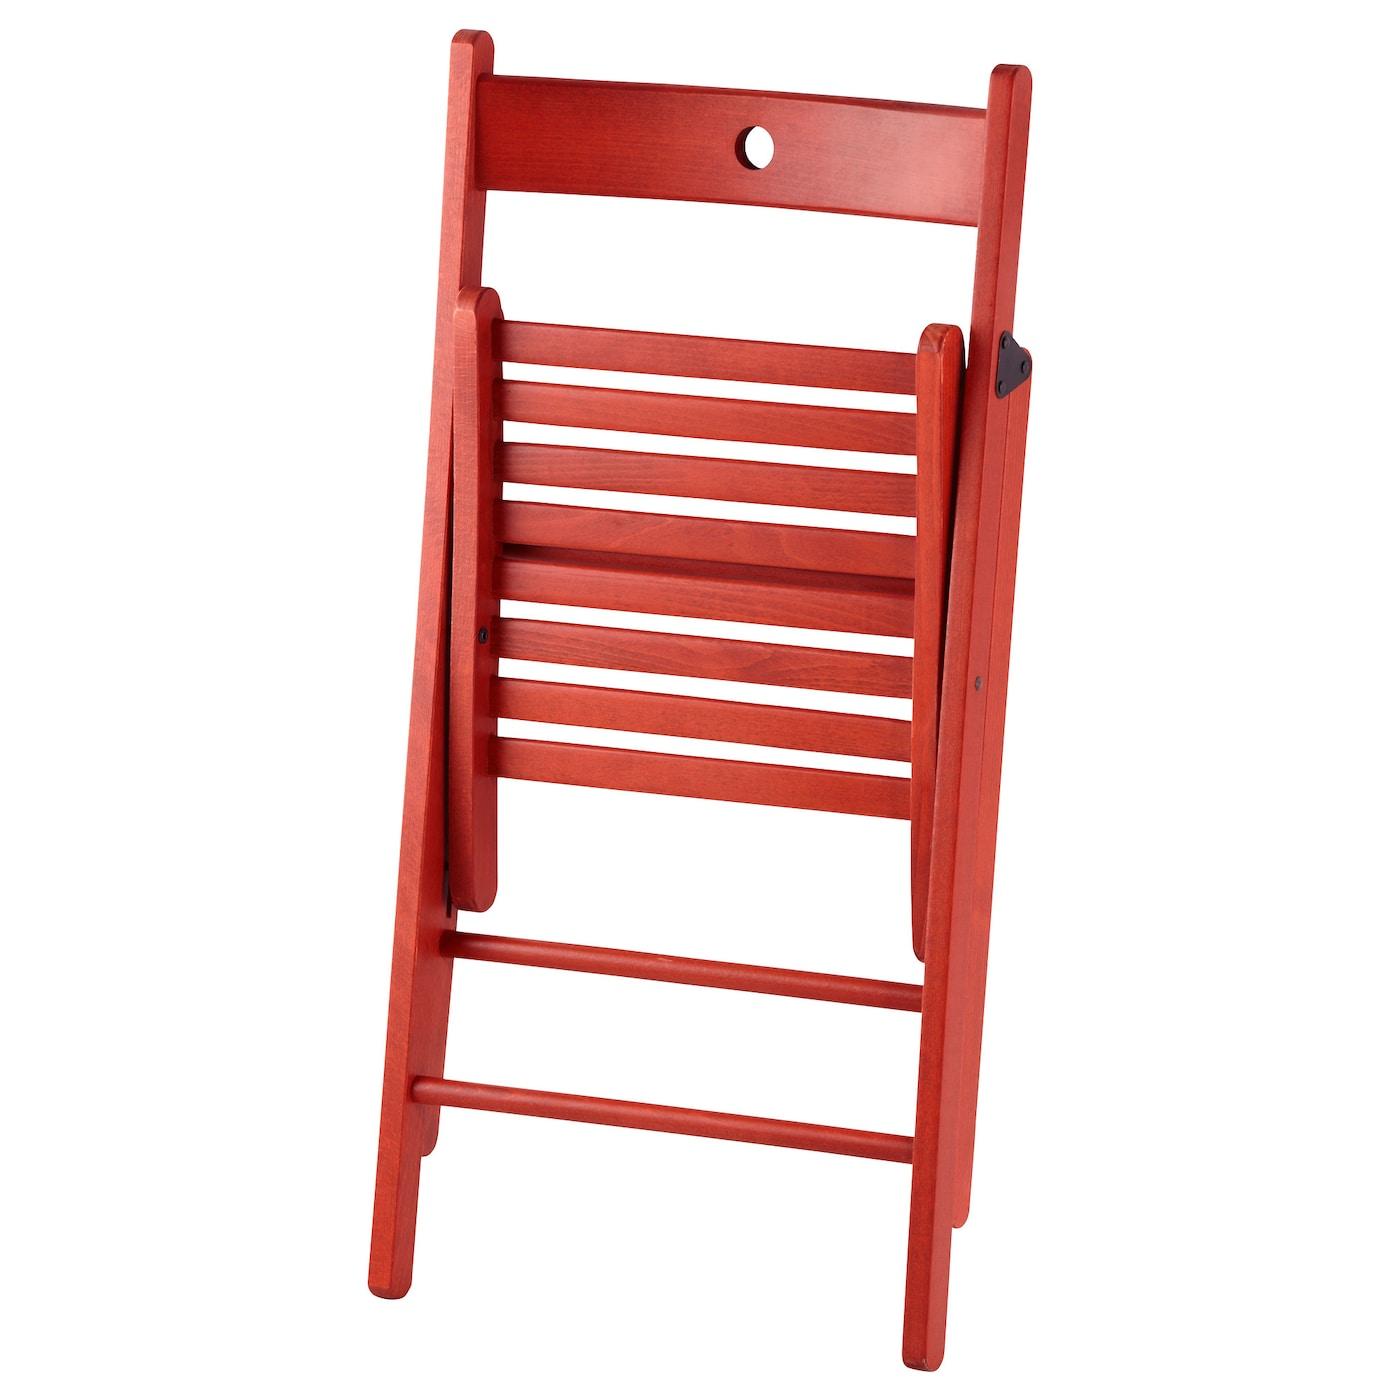 Folding Bar Chair Ikea Home Decor Takcop Com